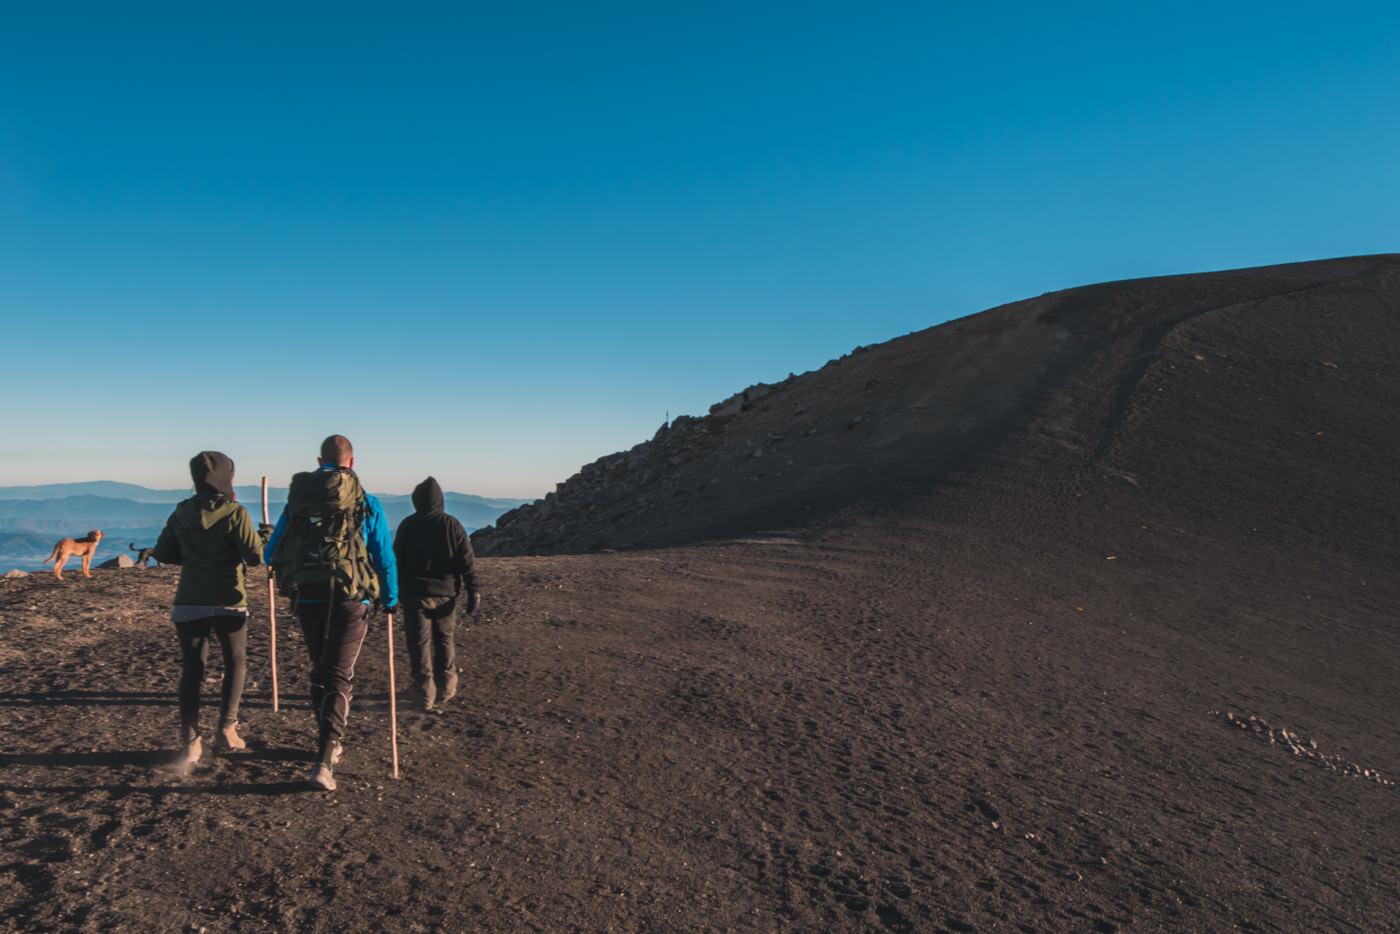 Wandern am Kraterrand des Vulkans Acatenango